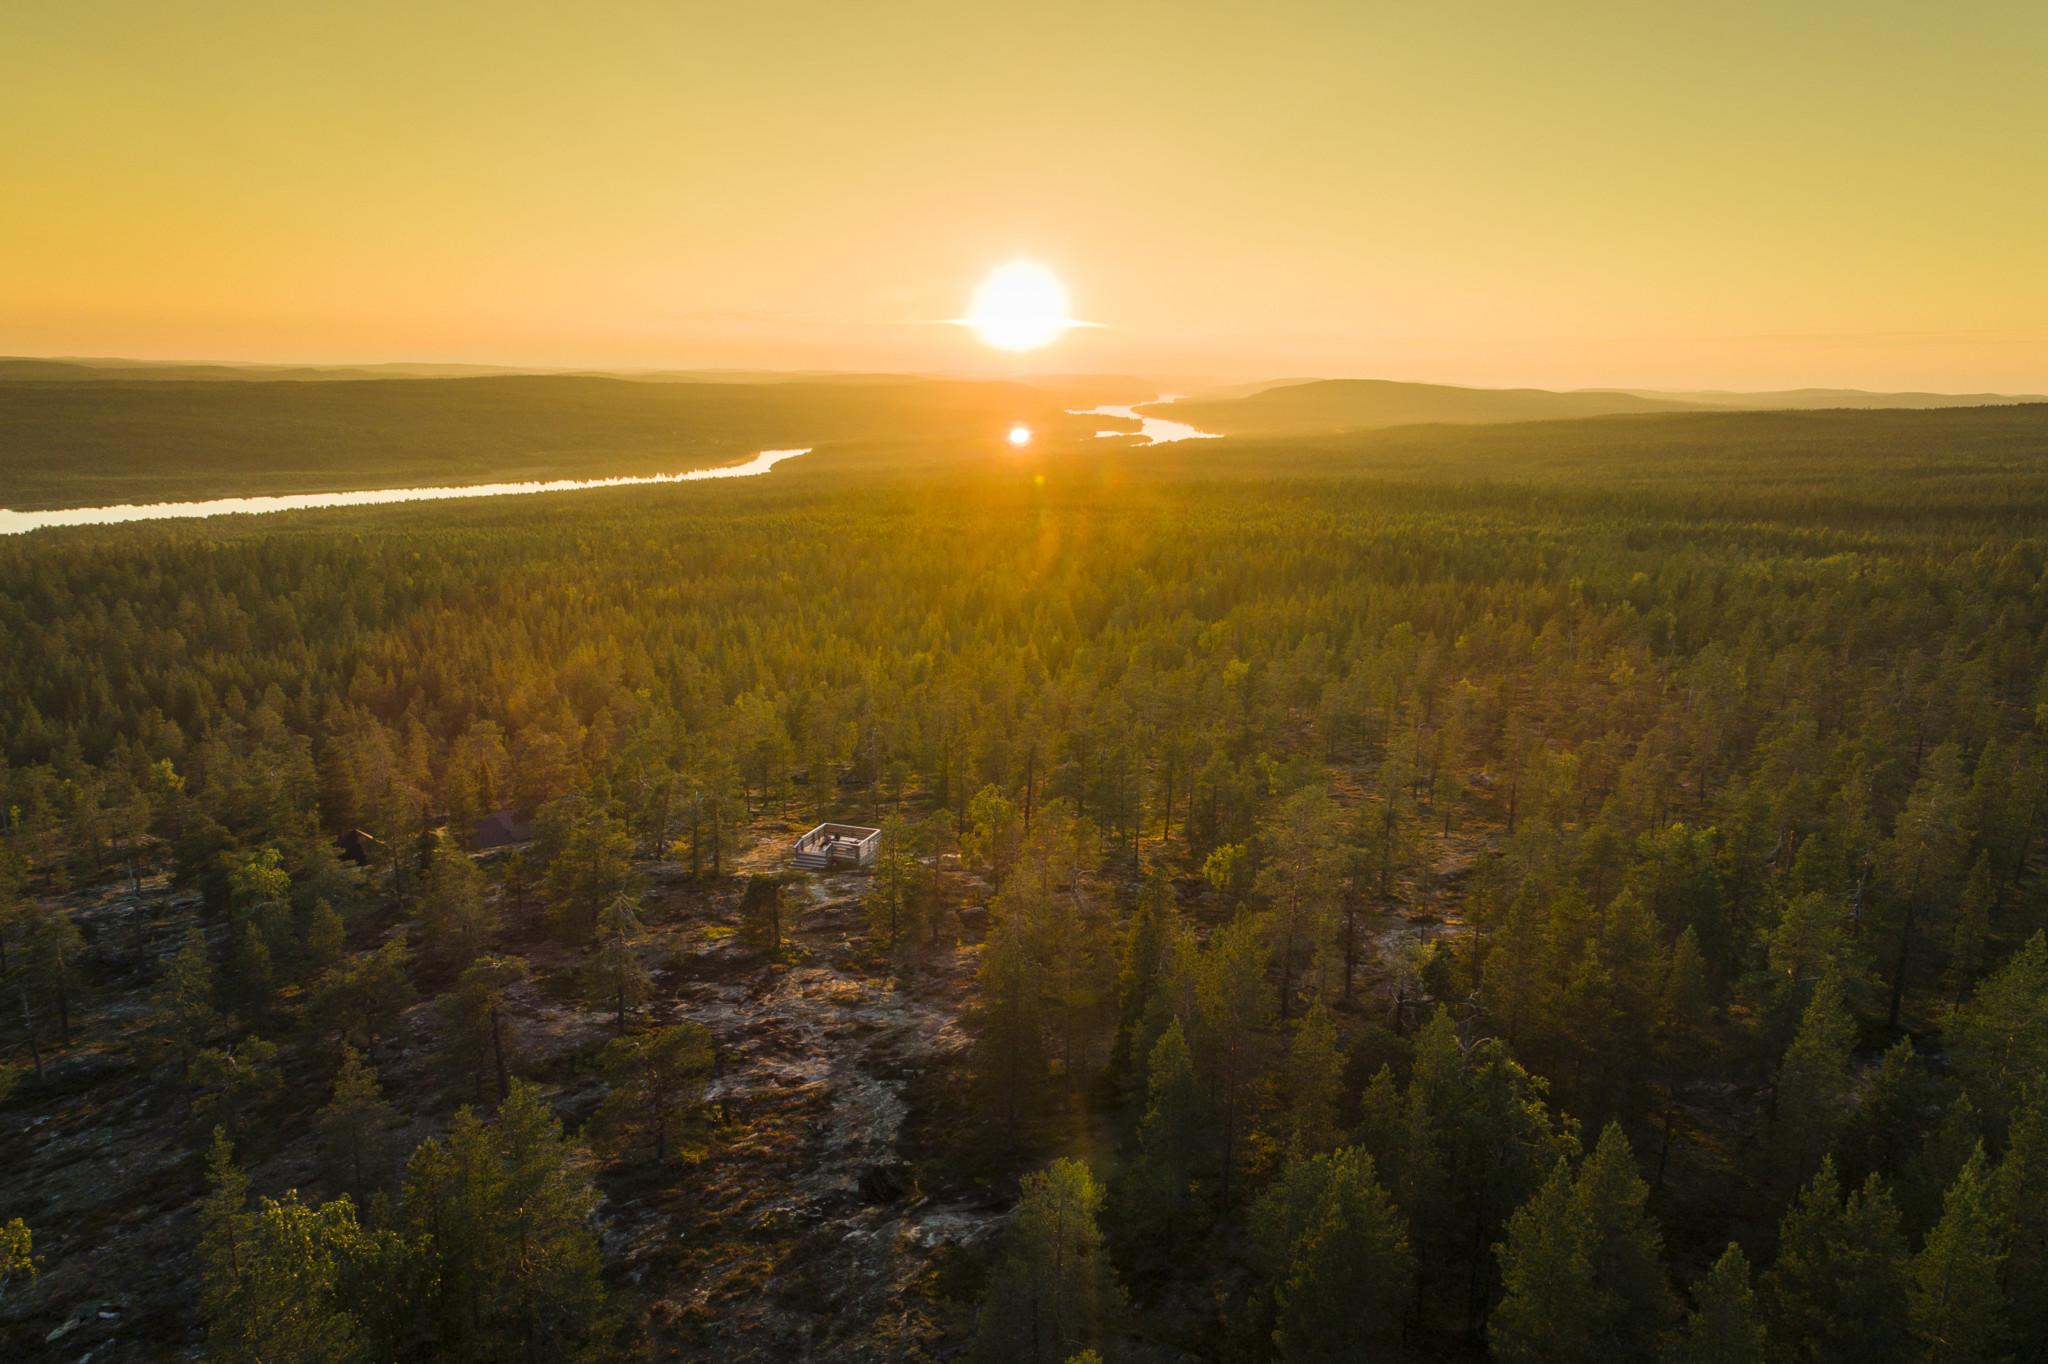 August sun in Rovaniemi Lapland Finland by Alexander Kuznetsov